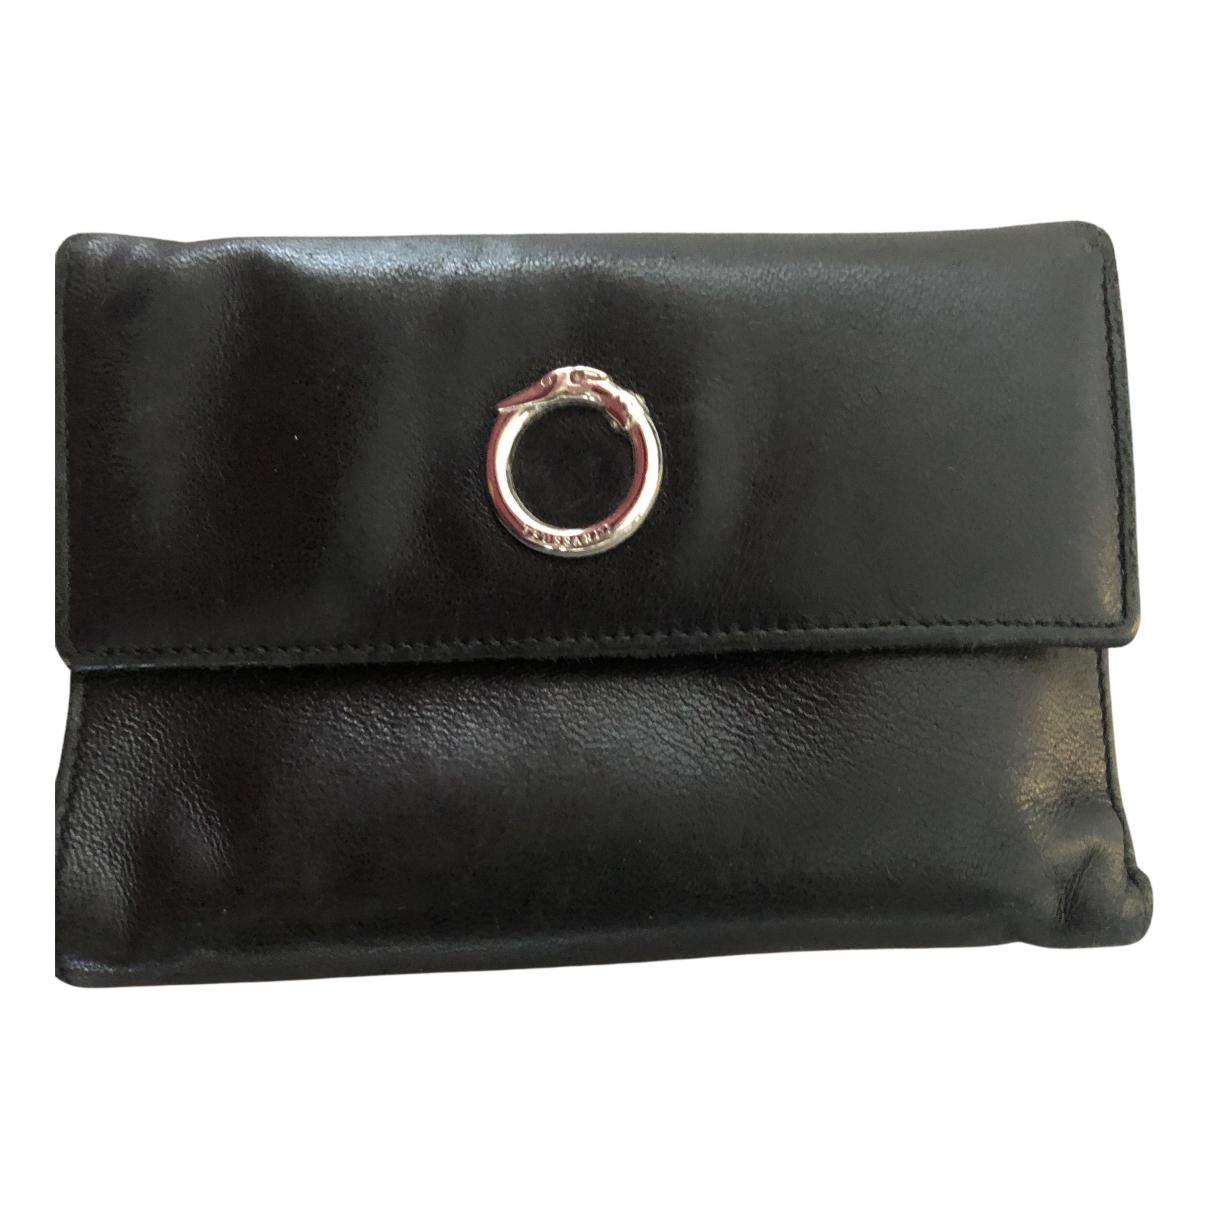 Trussardi \N Portemonnaie in  Schwarz Leder